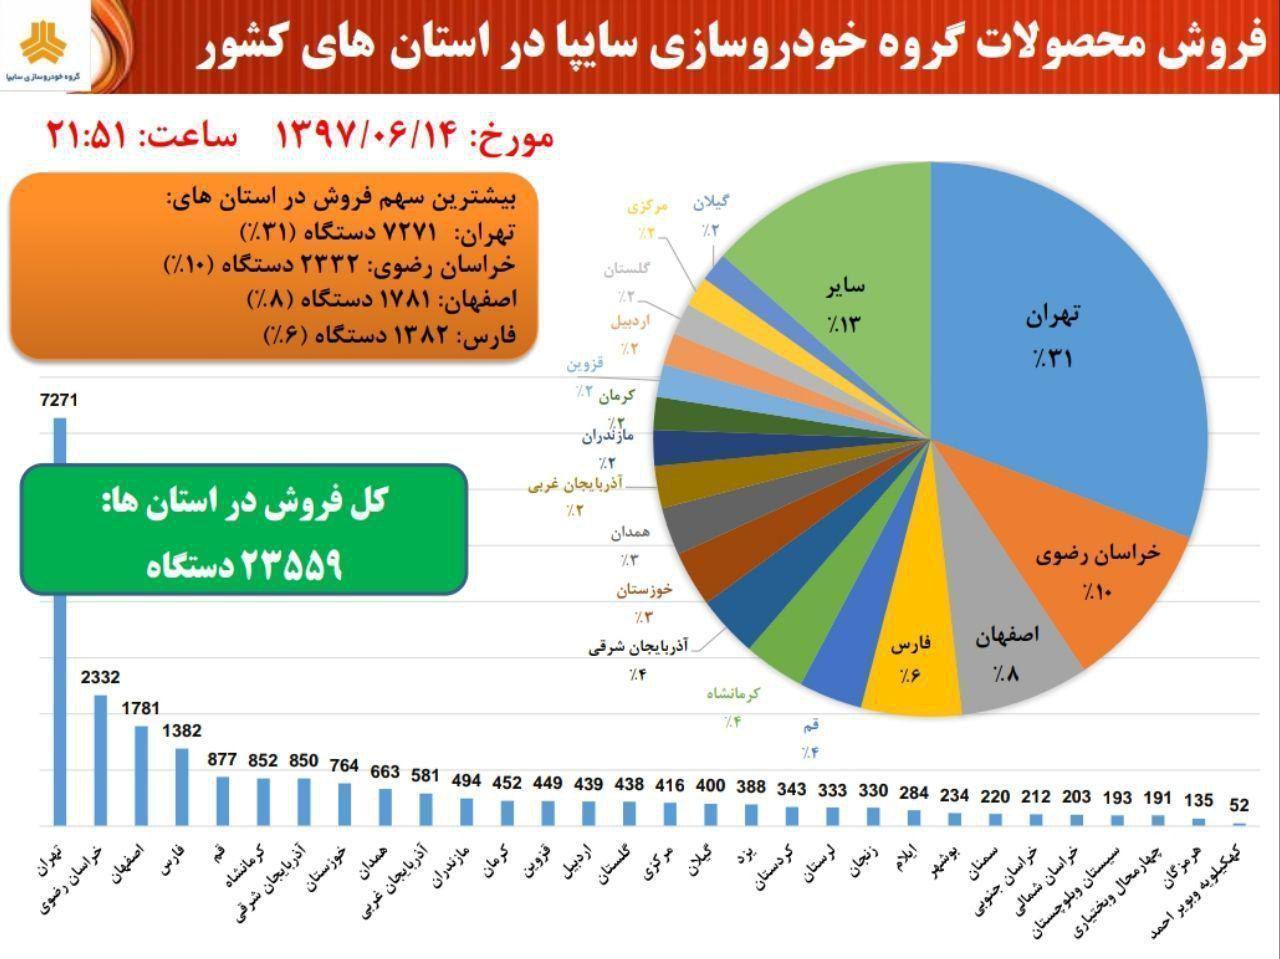 سایپا آمار فروش دیروز محصولات خود در استانهای مختلف را منتشر کرد